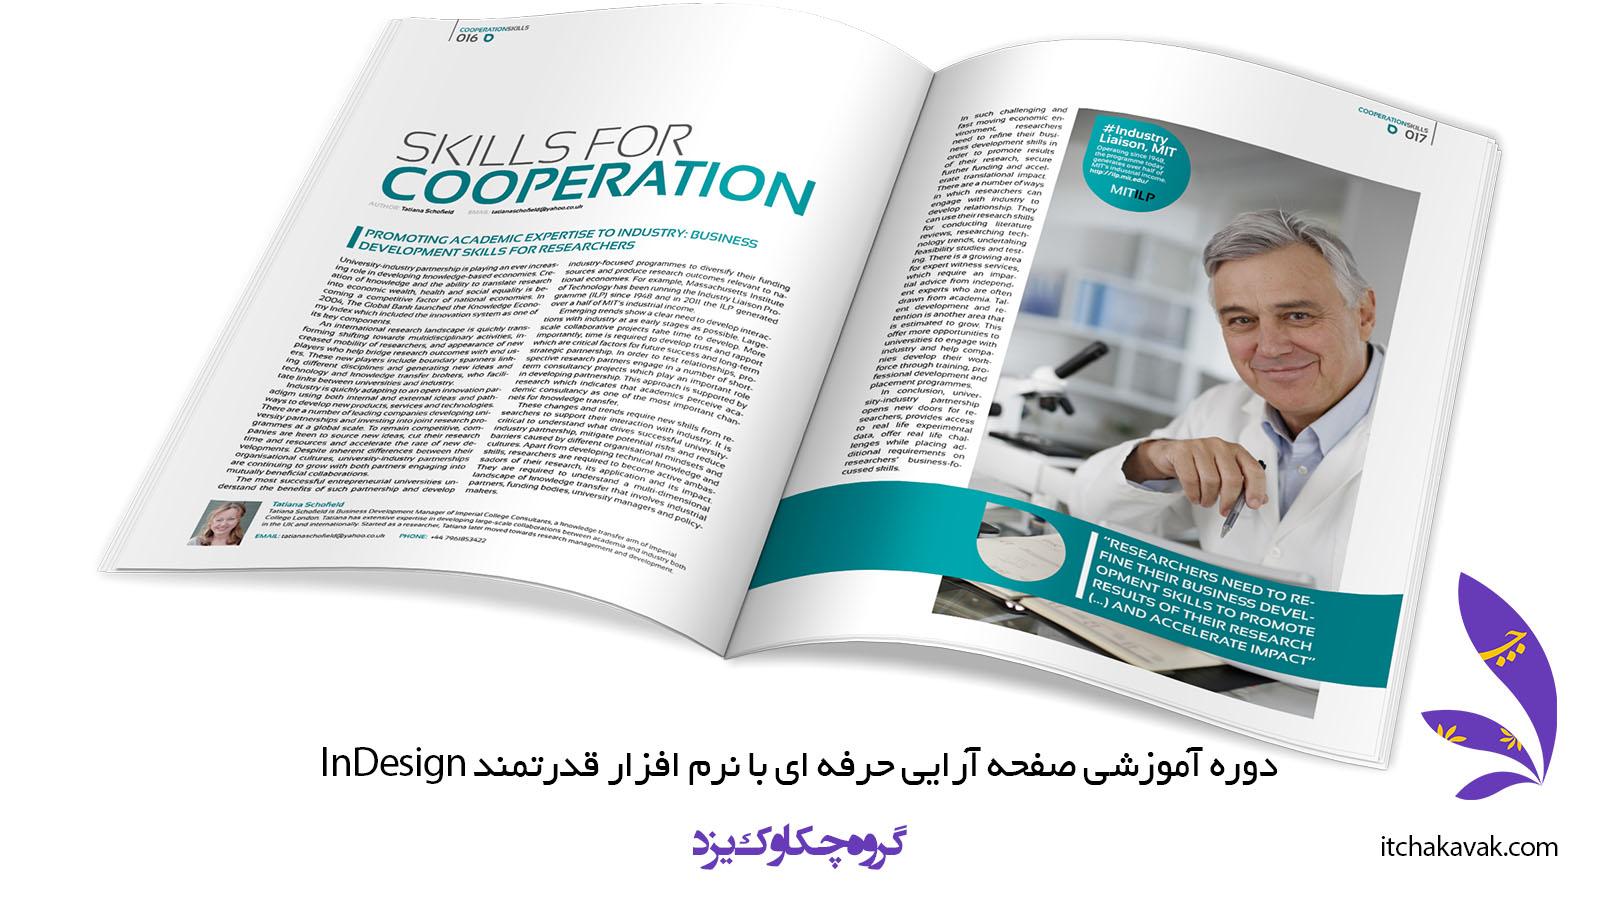 کلاس صفحه آرایی با این دیزاین در یزد